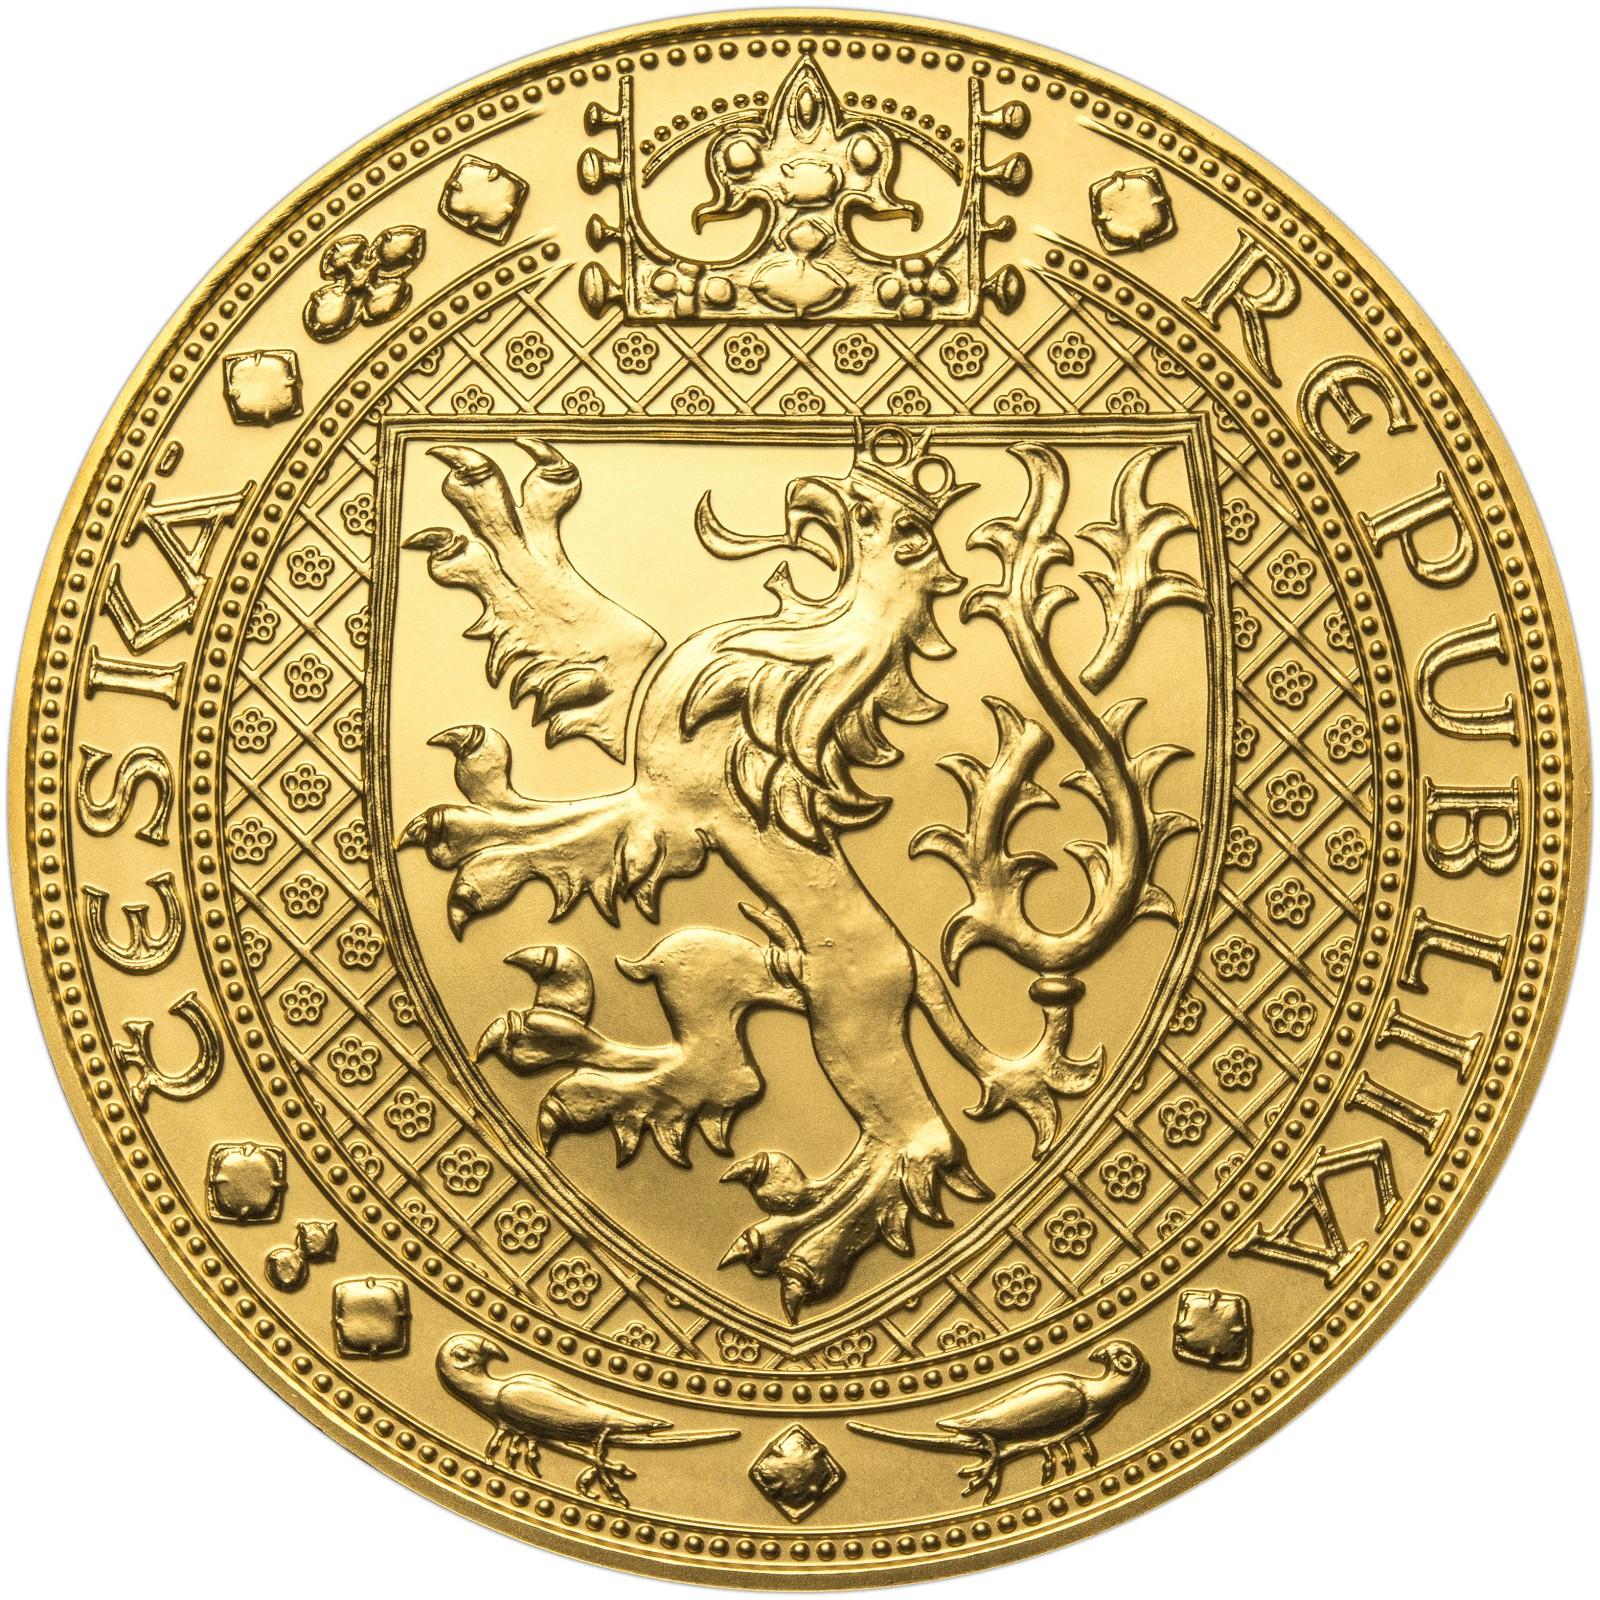 df52e51dd Nejkrásnější medailon II. Královská pečeť - 1 Kg ryzí zlato